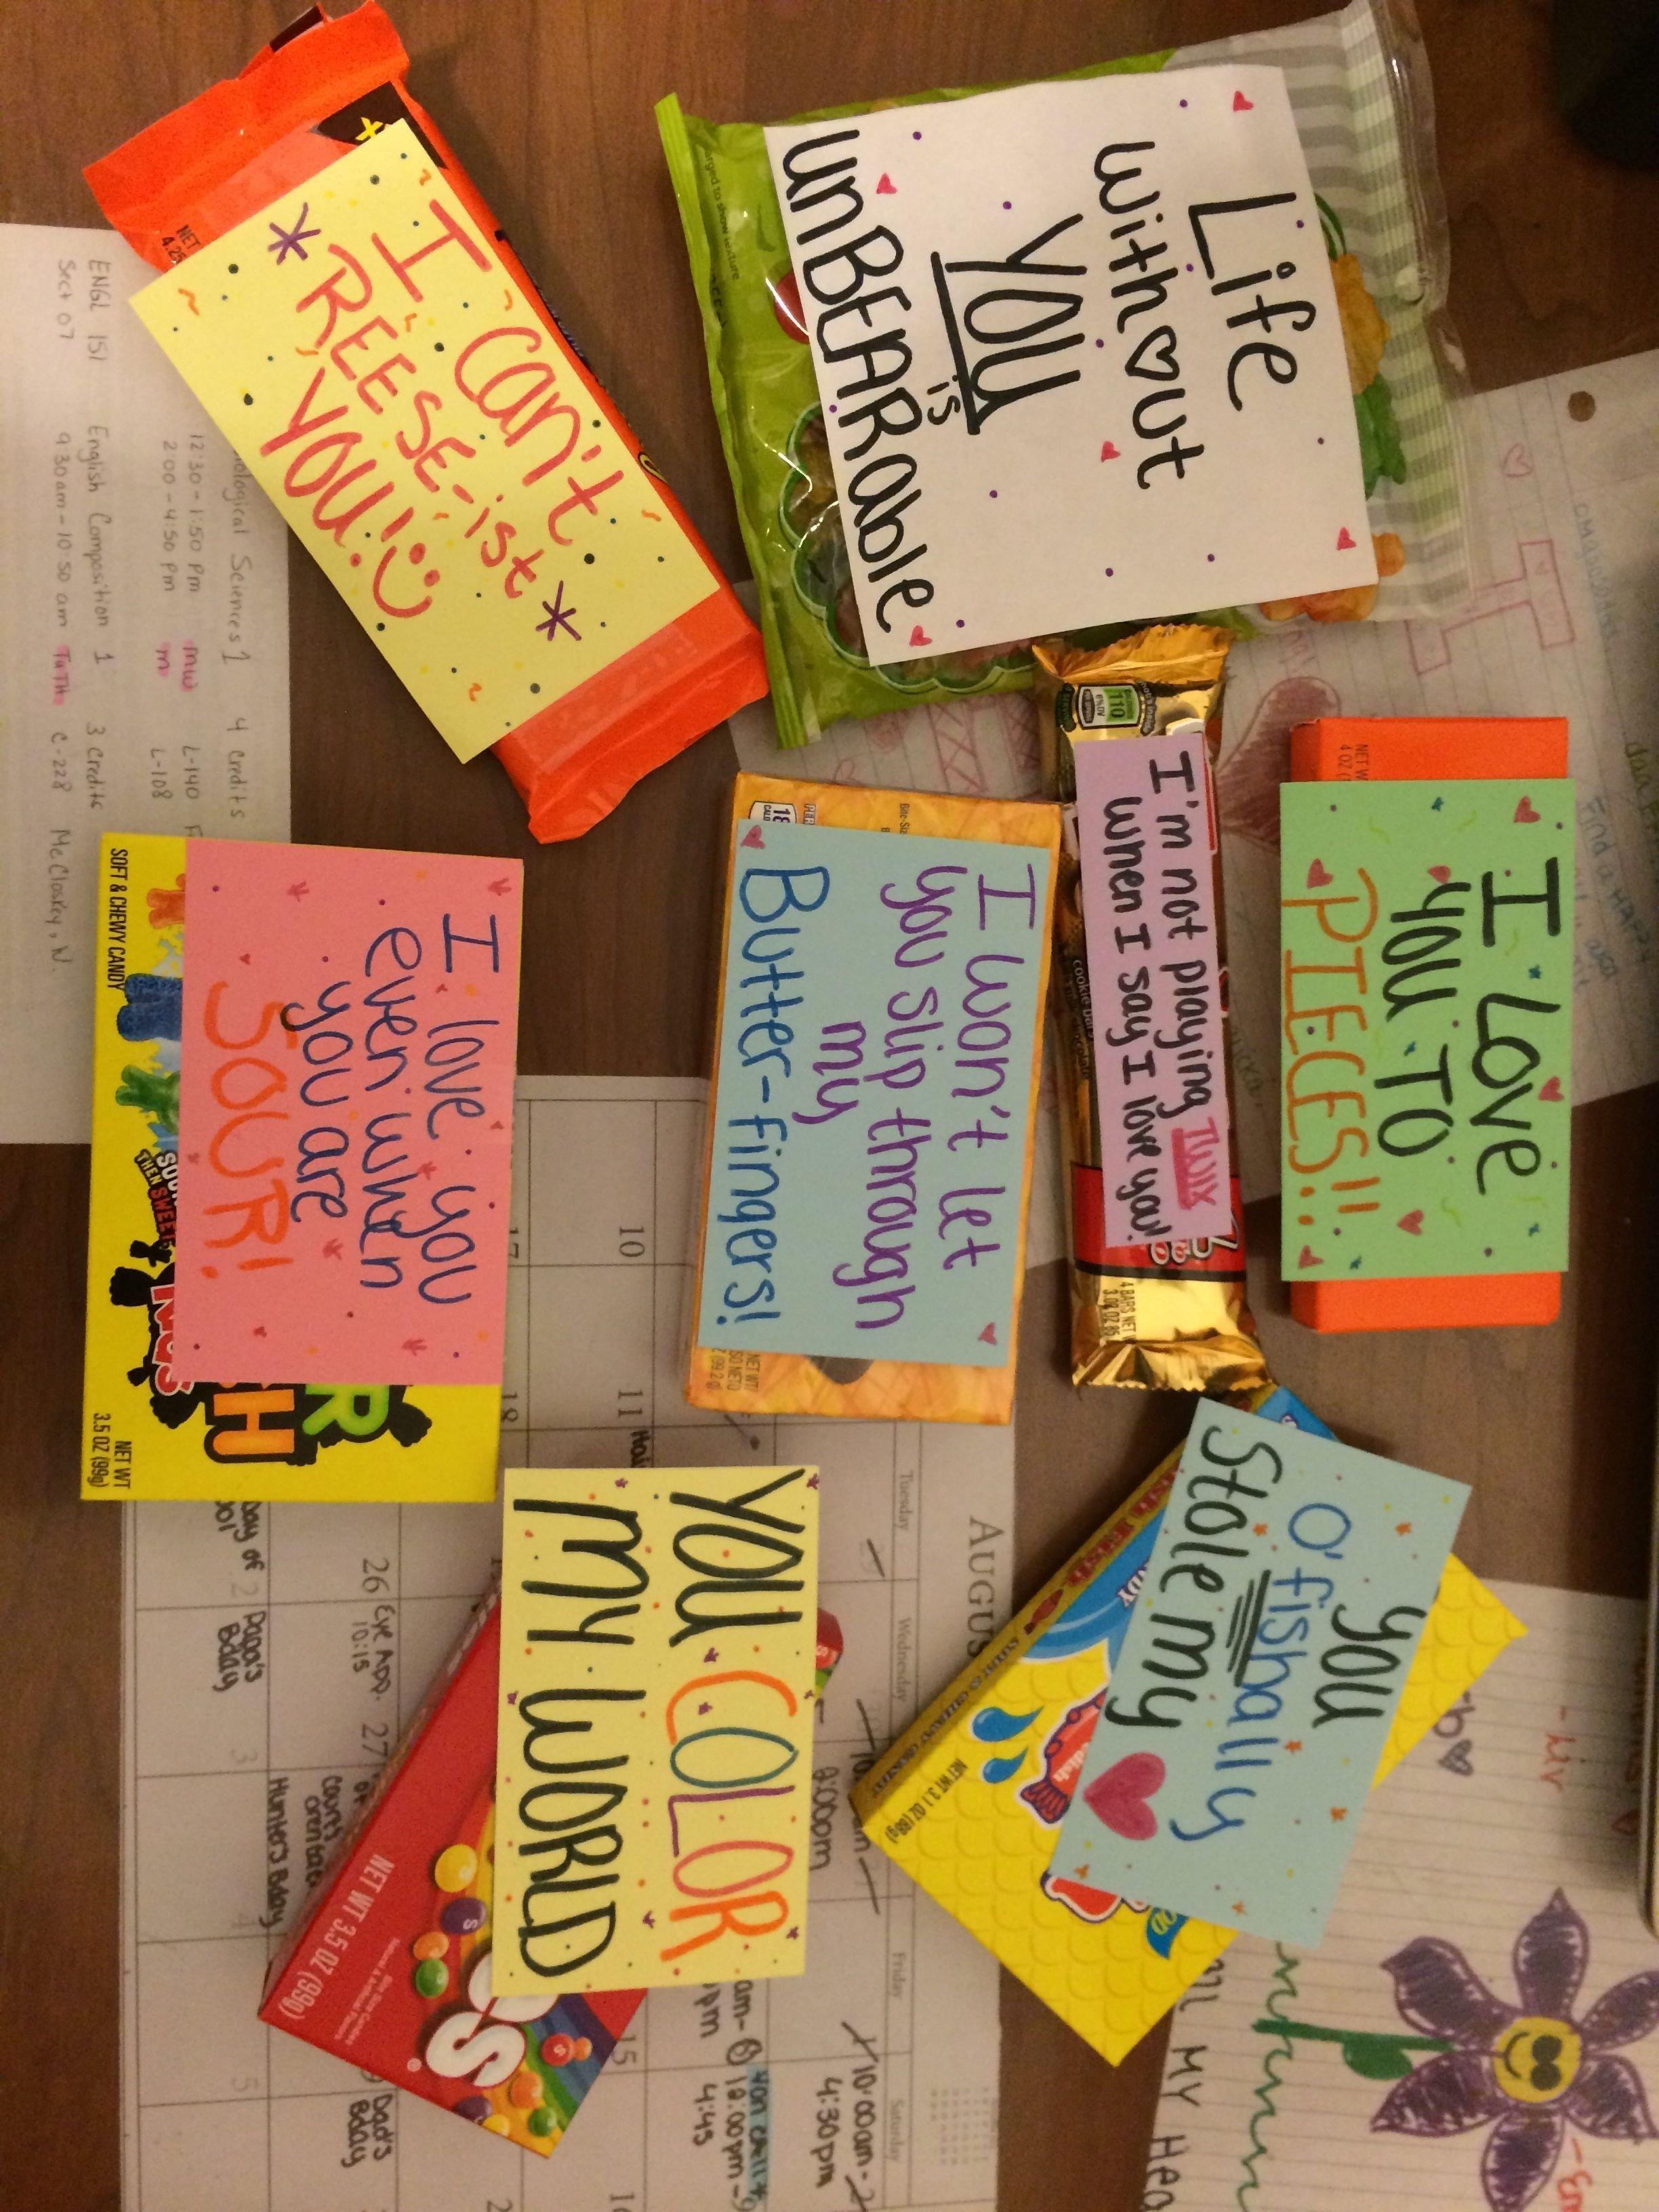 10 Awesome Birthday Present Ideas For Him Cute Boyfriend Gift Lifee 19